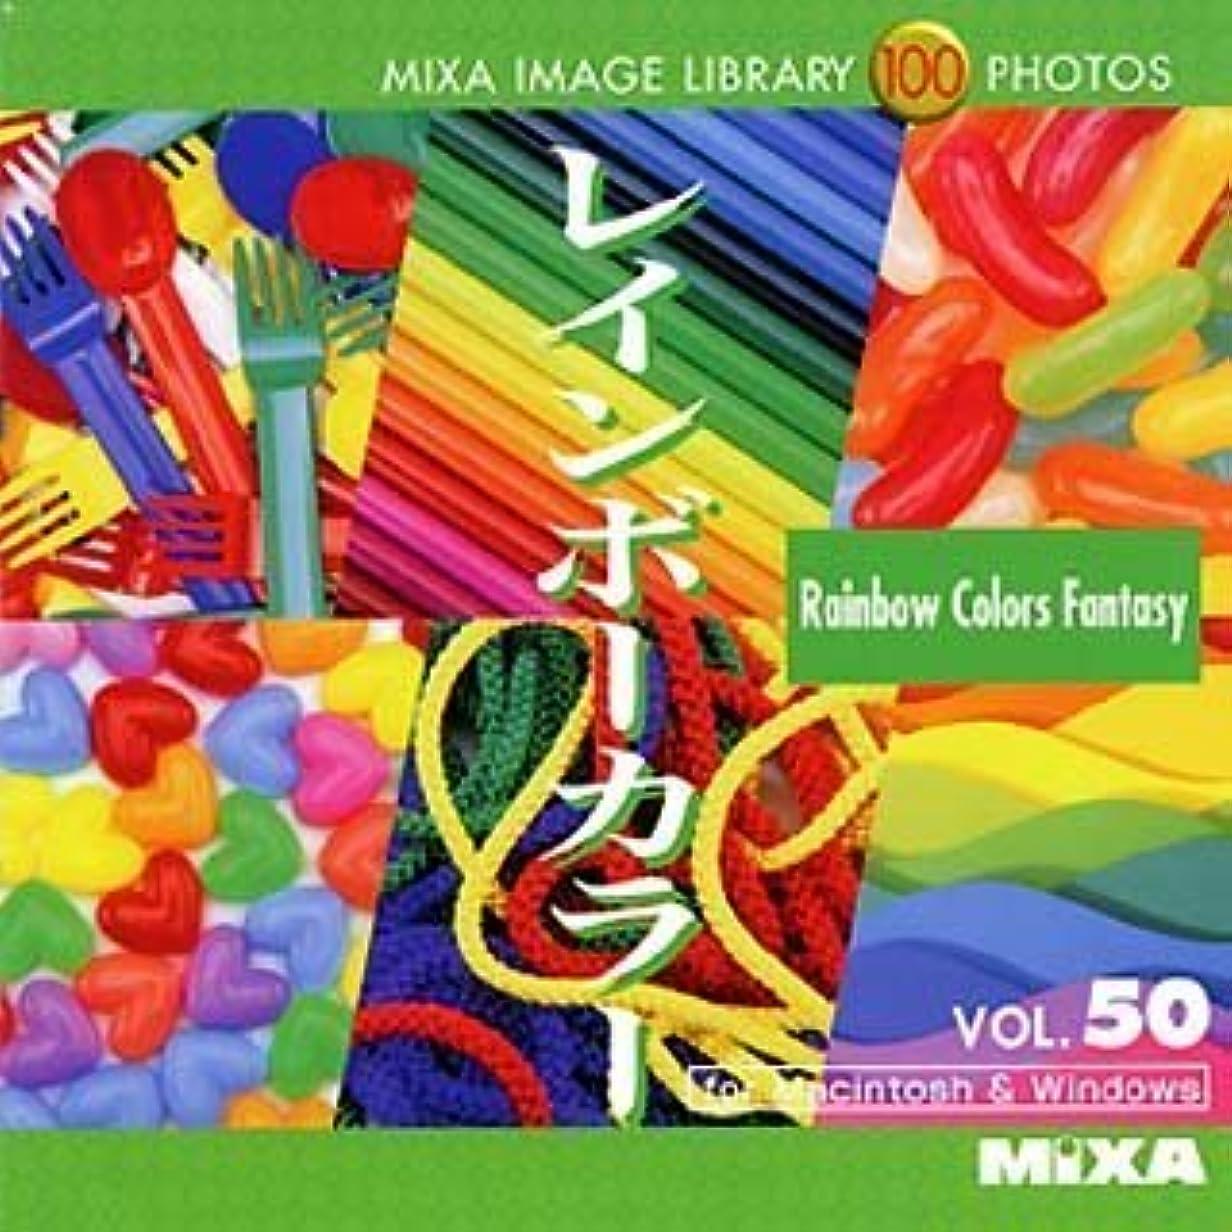 バインド踊り子終わったMIXA IMAGE LIBRARY Vol.50 レインボーカラー